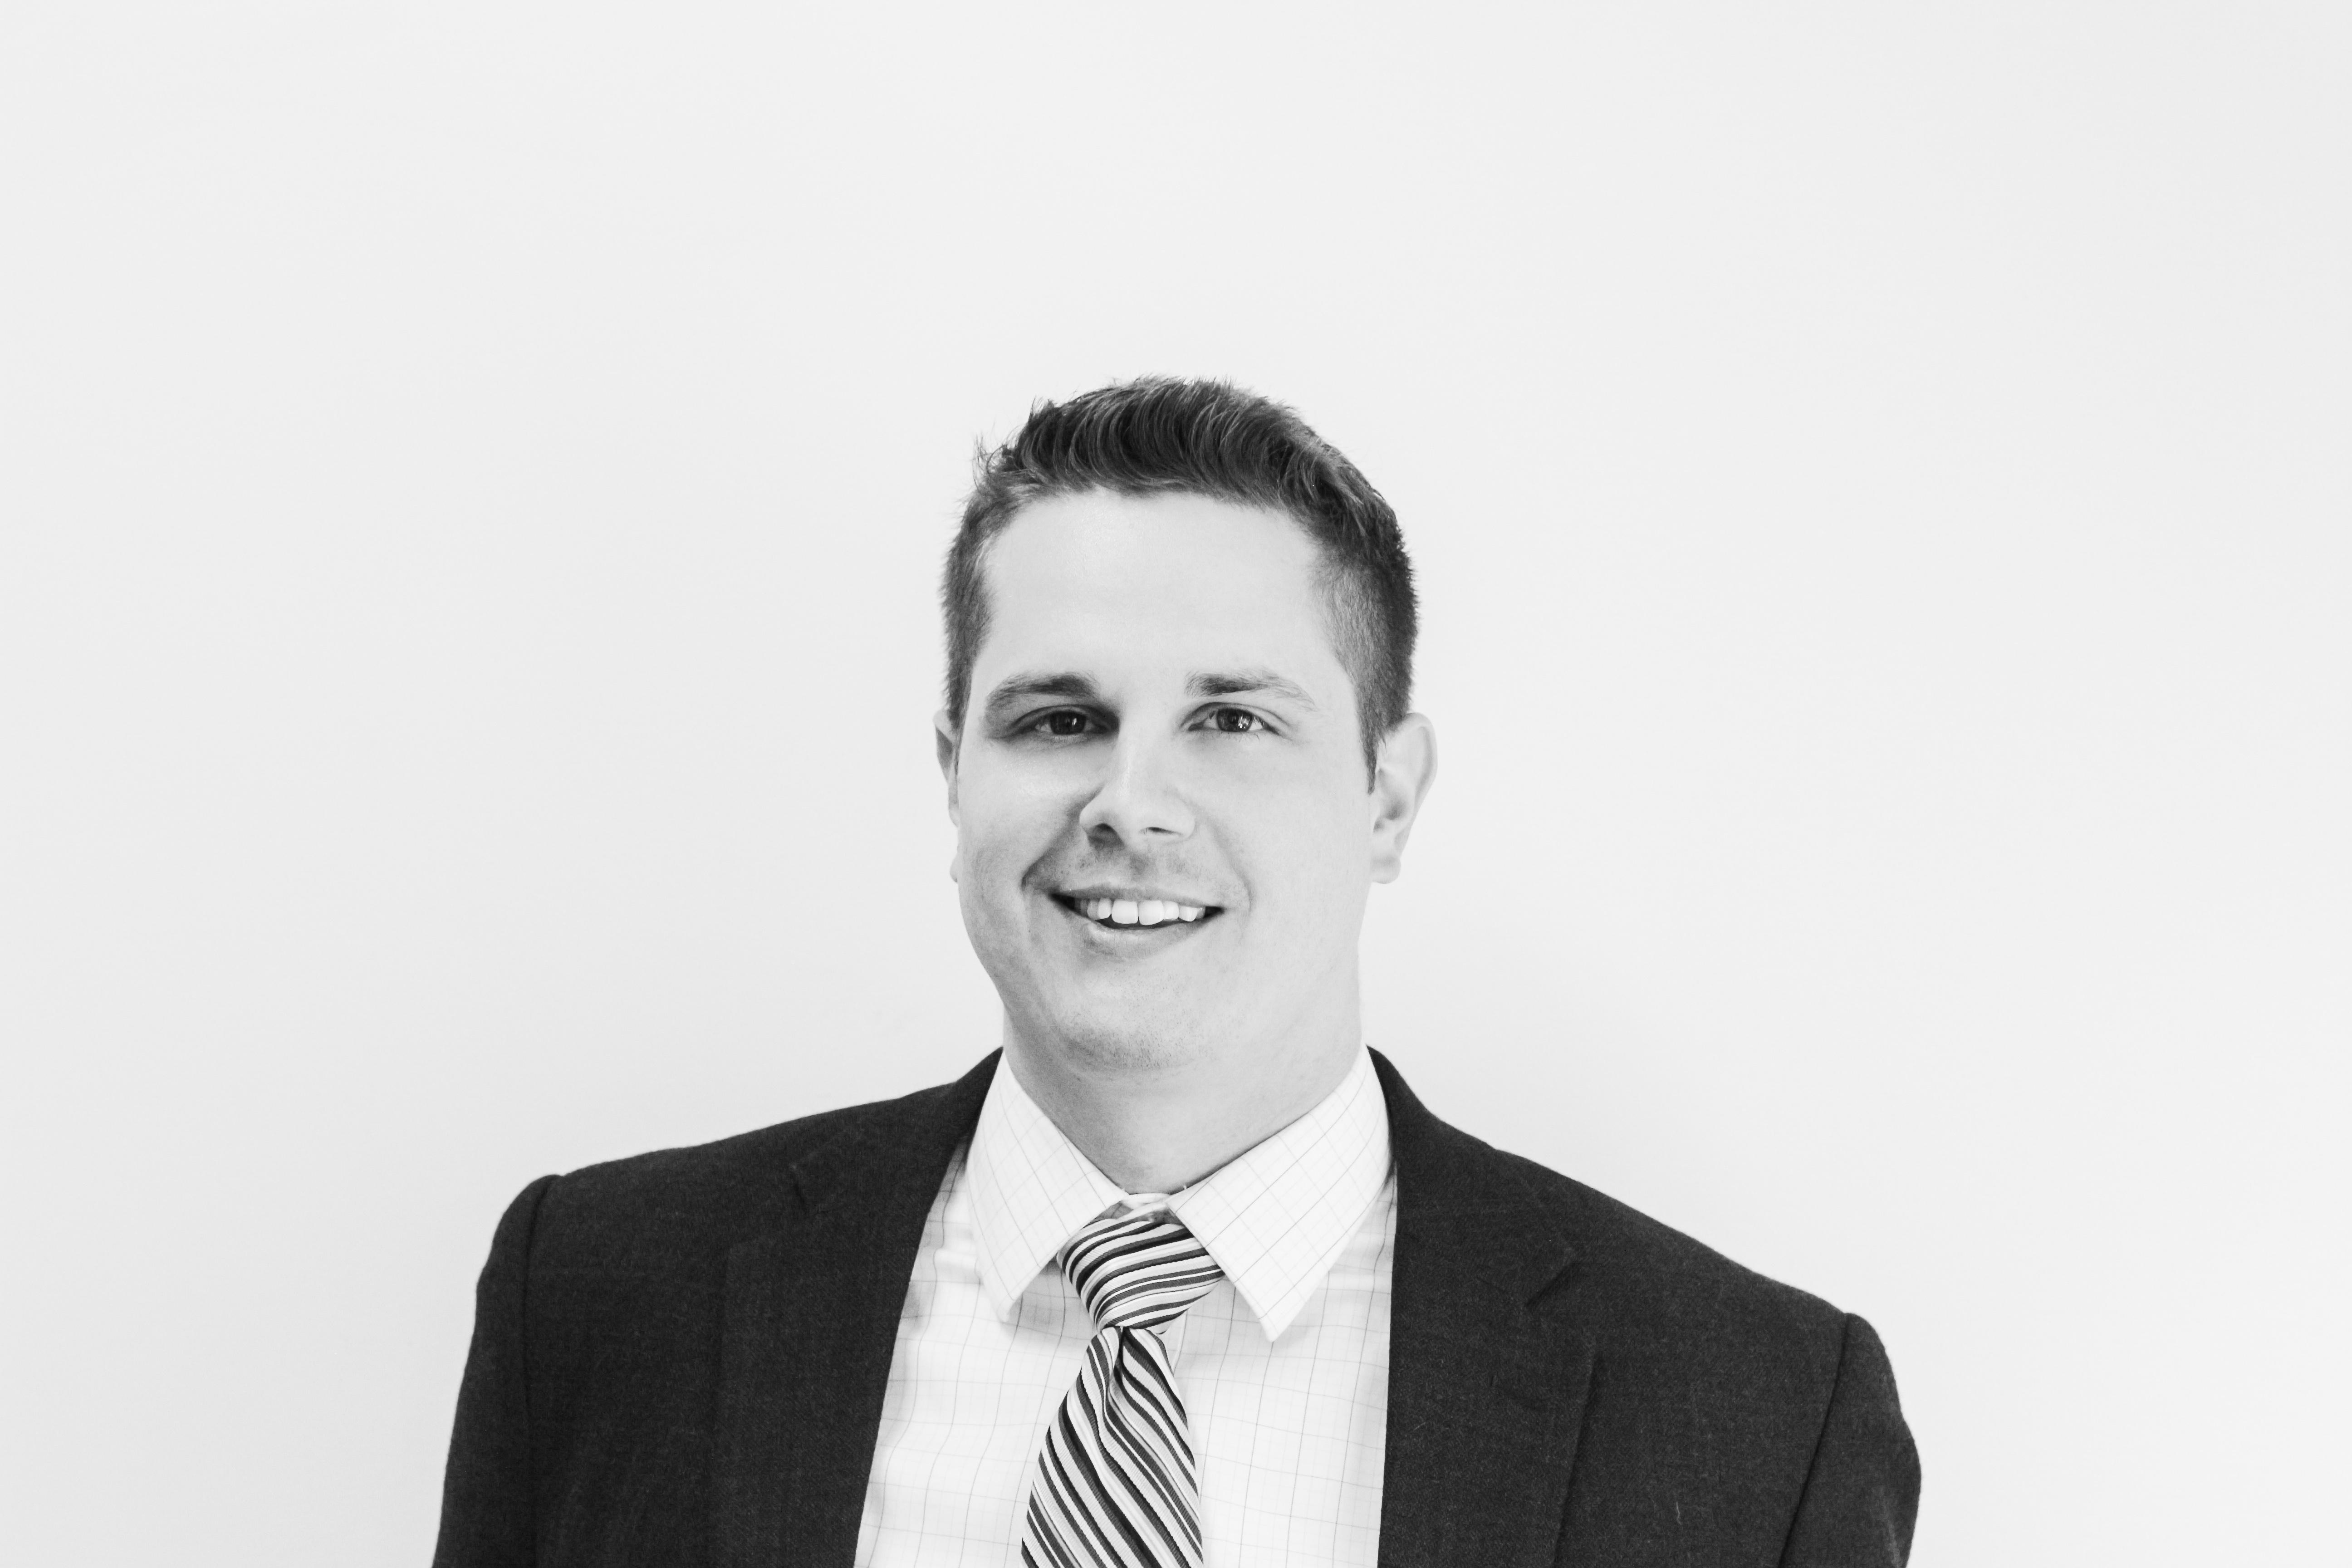 Jack Klohoker, Director of Sales